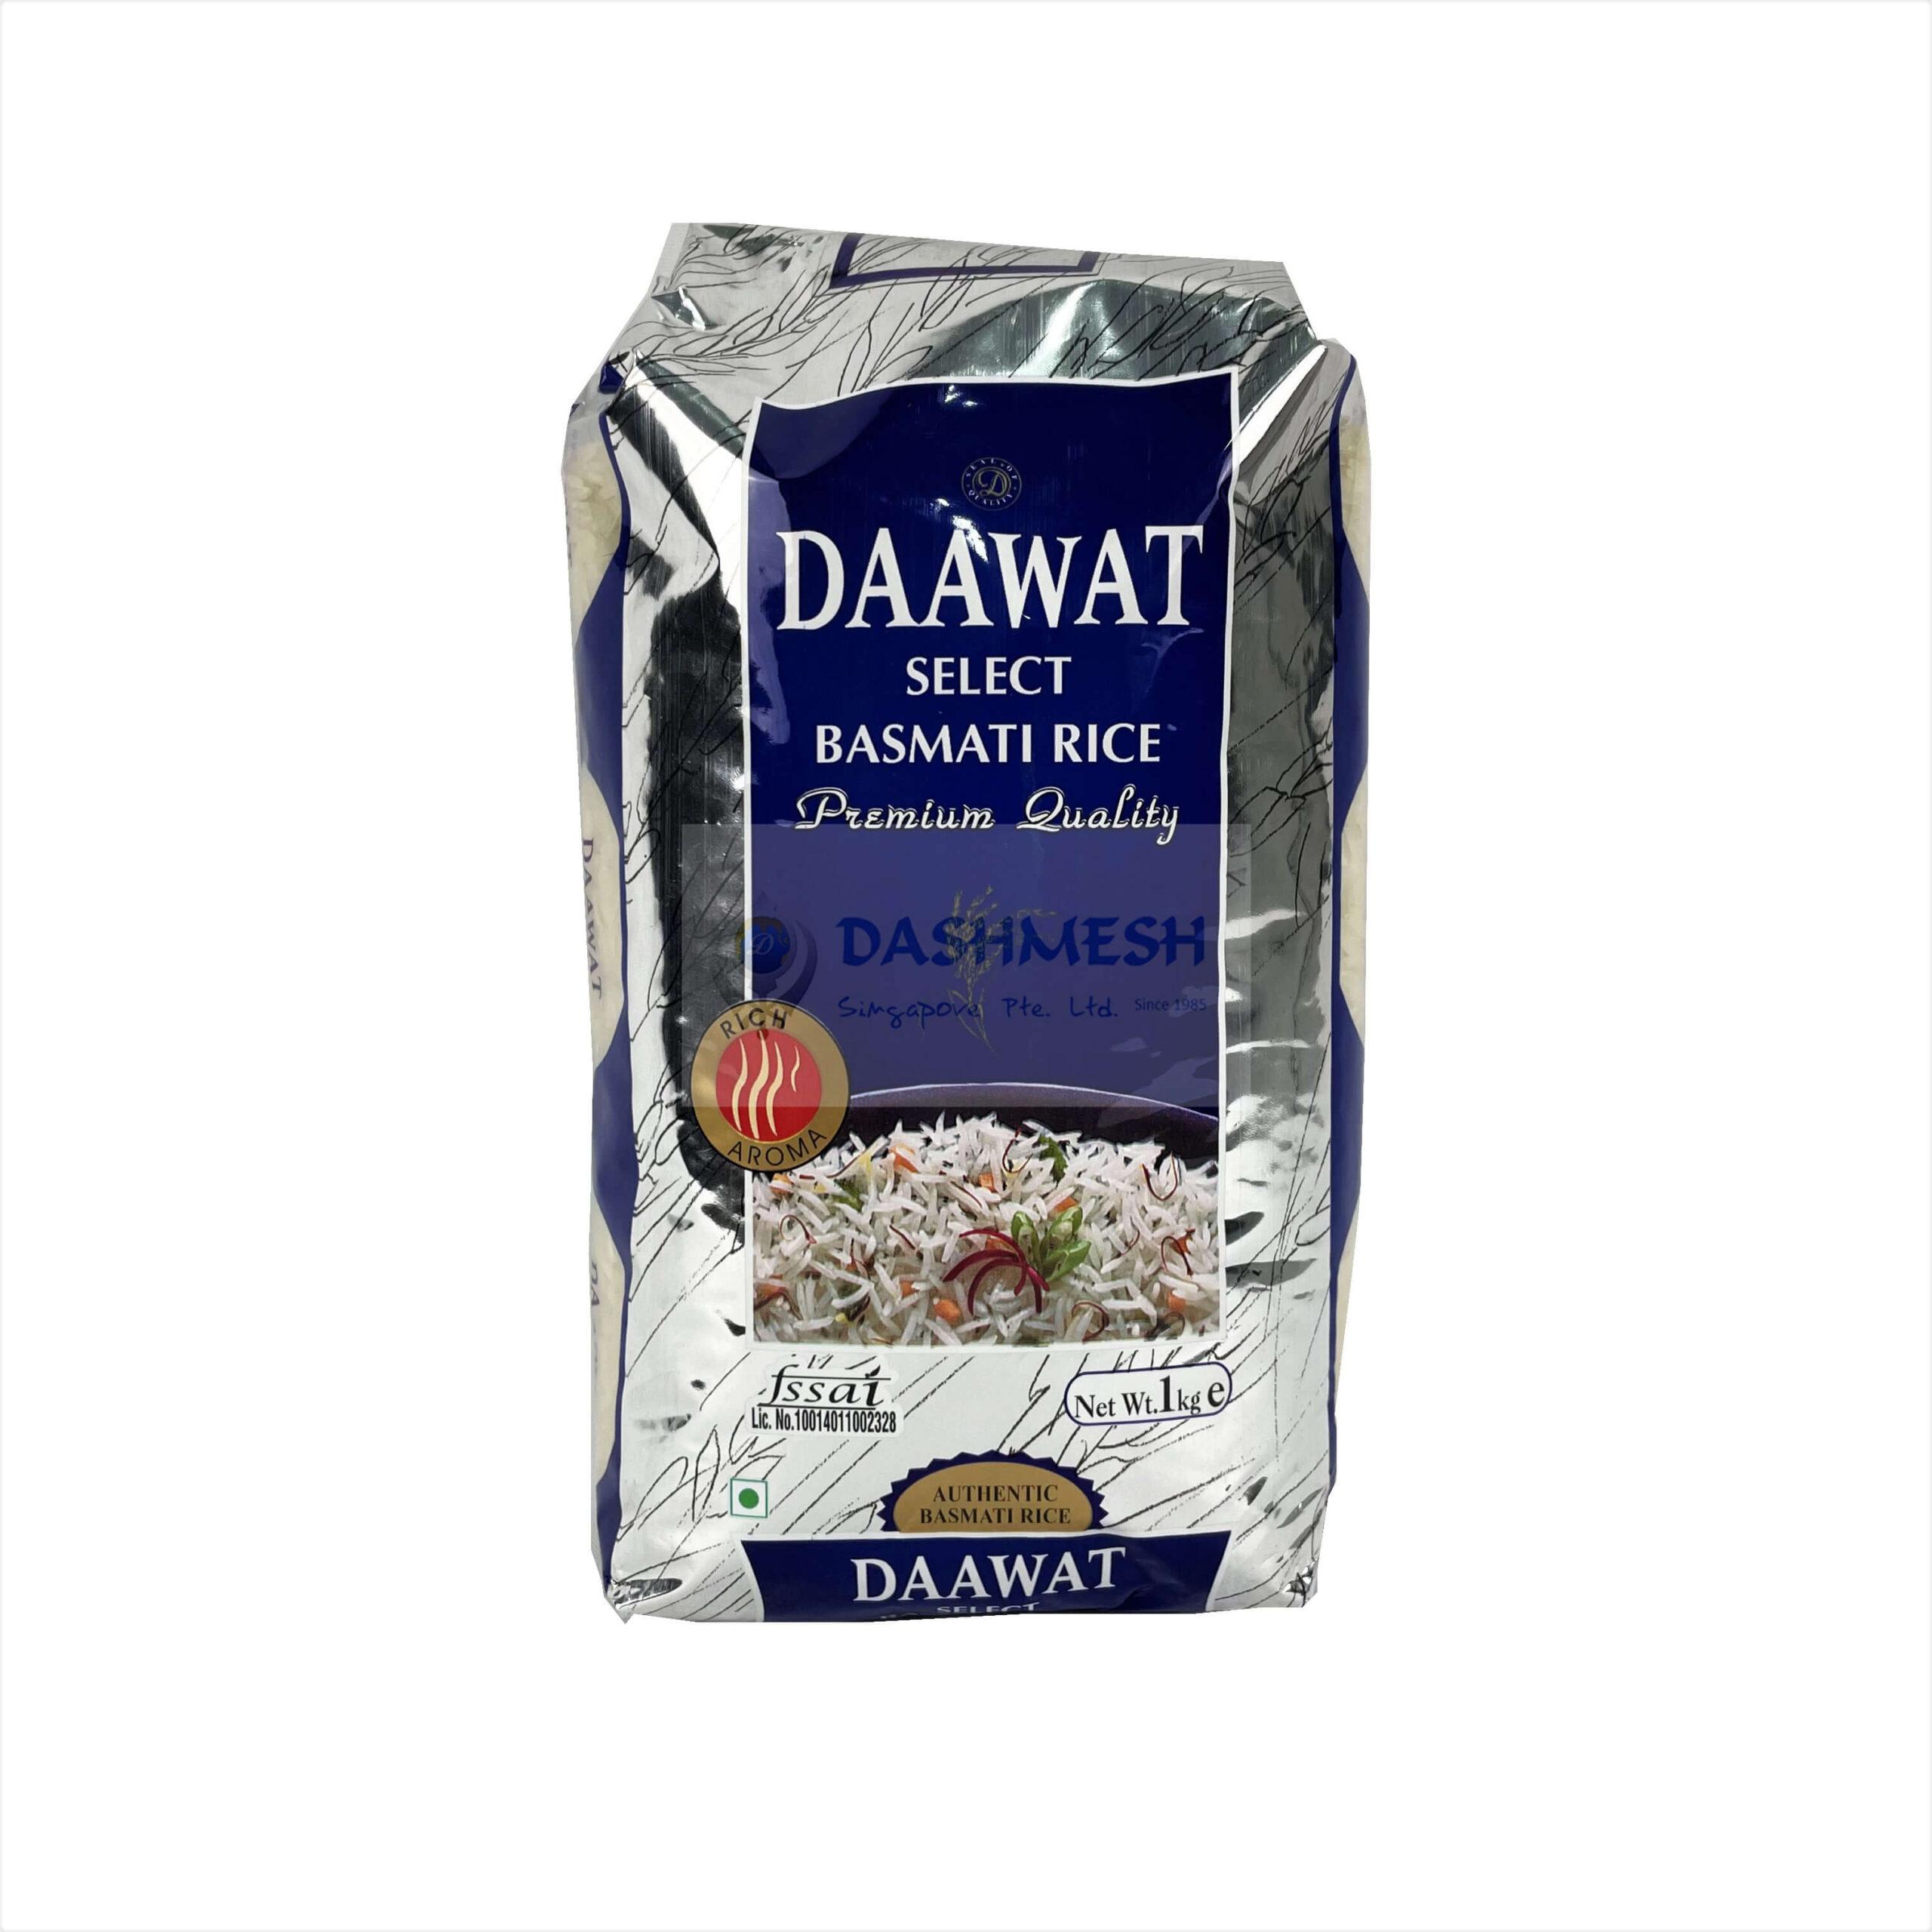 Daawat Select Basmati Rice 1kg & 5kg